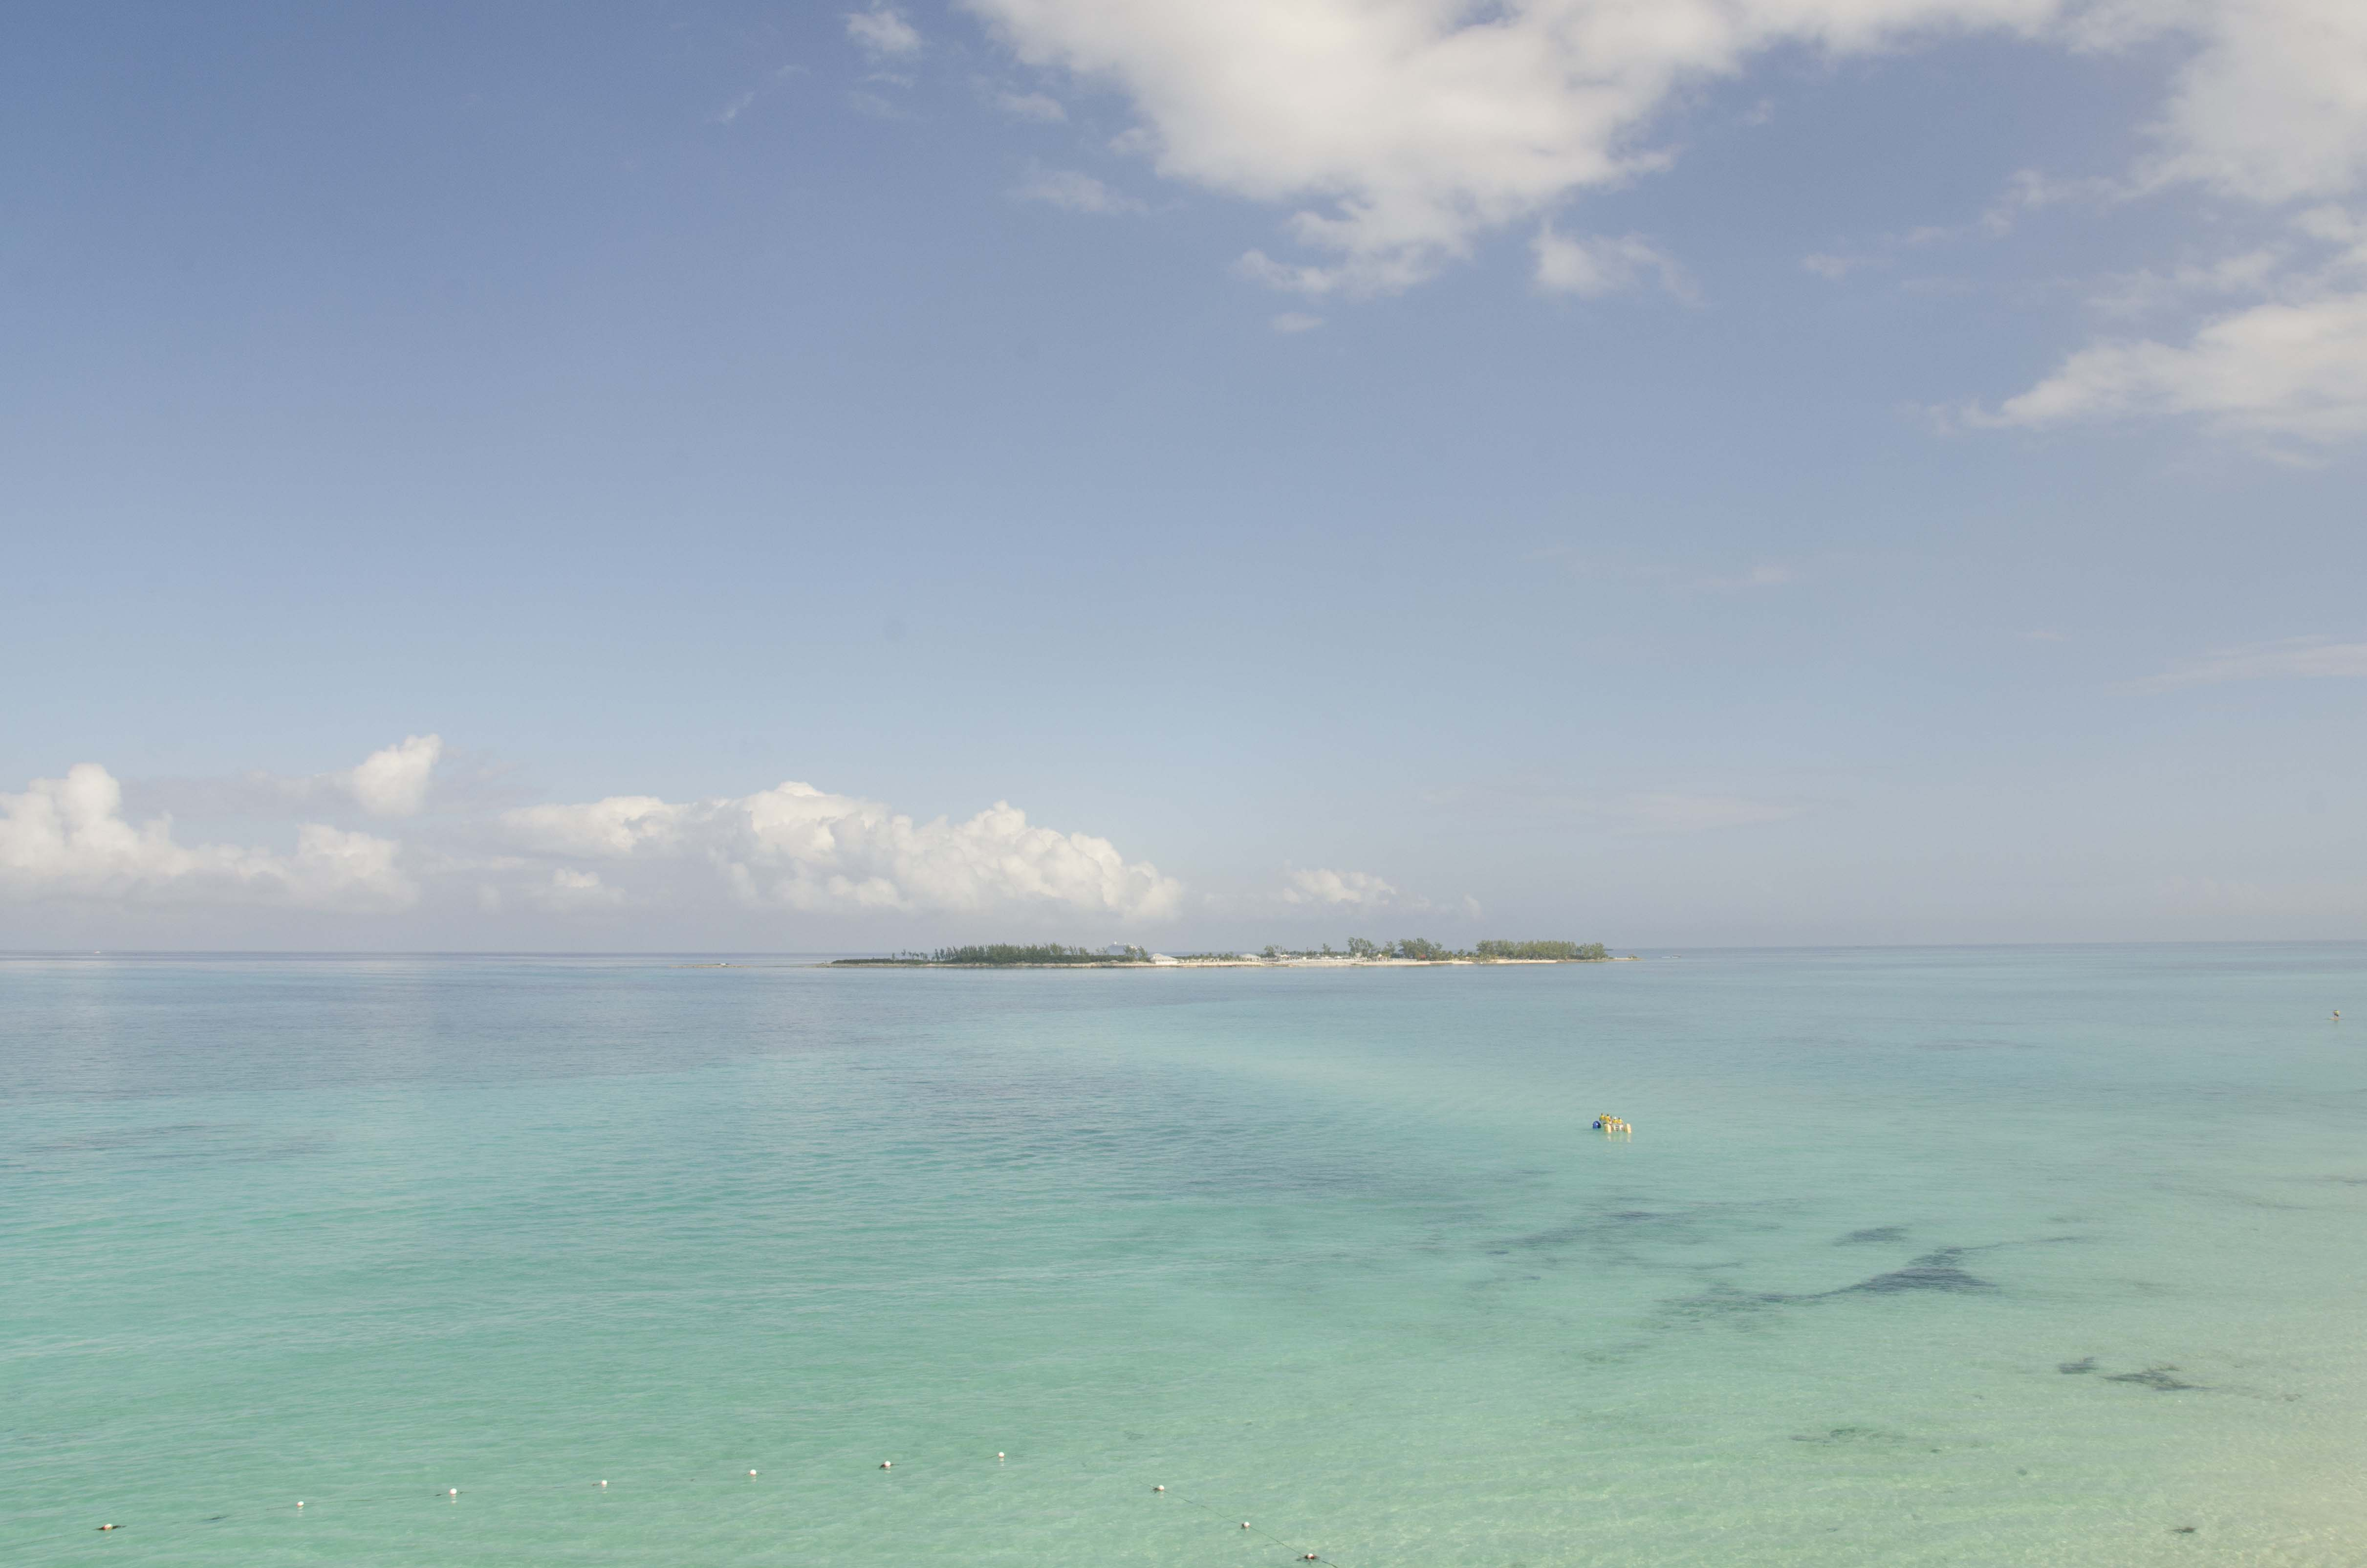 Barnetts' ocean view